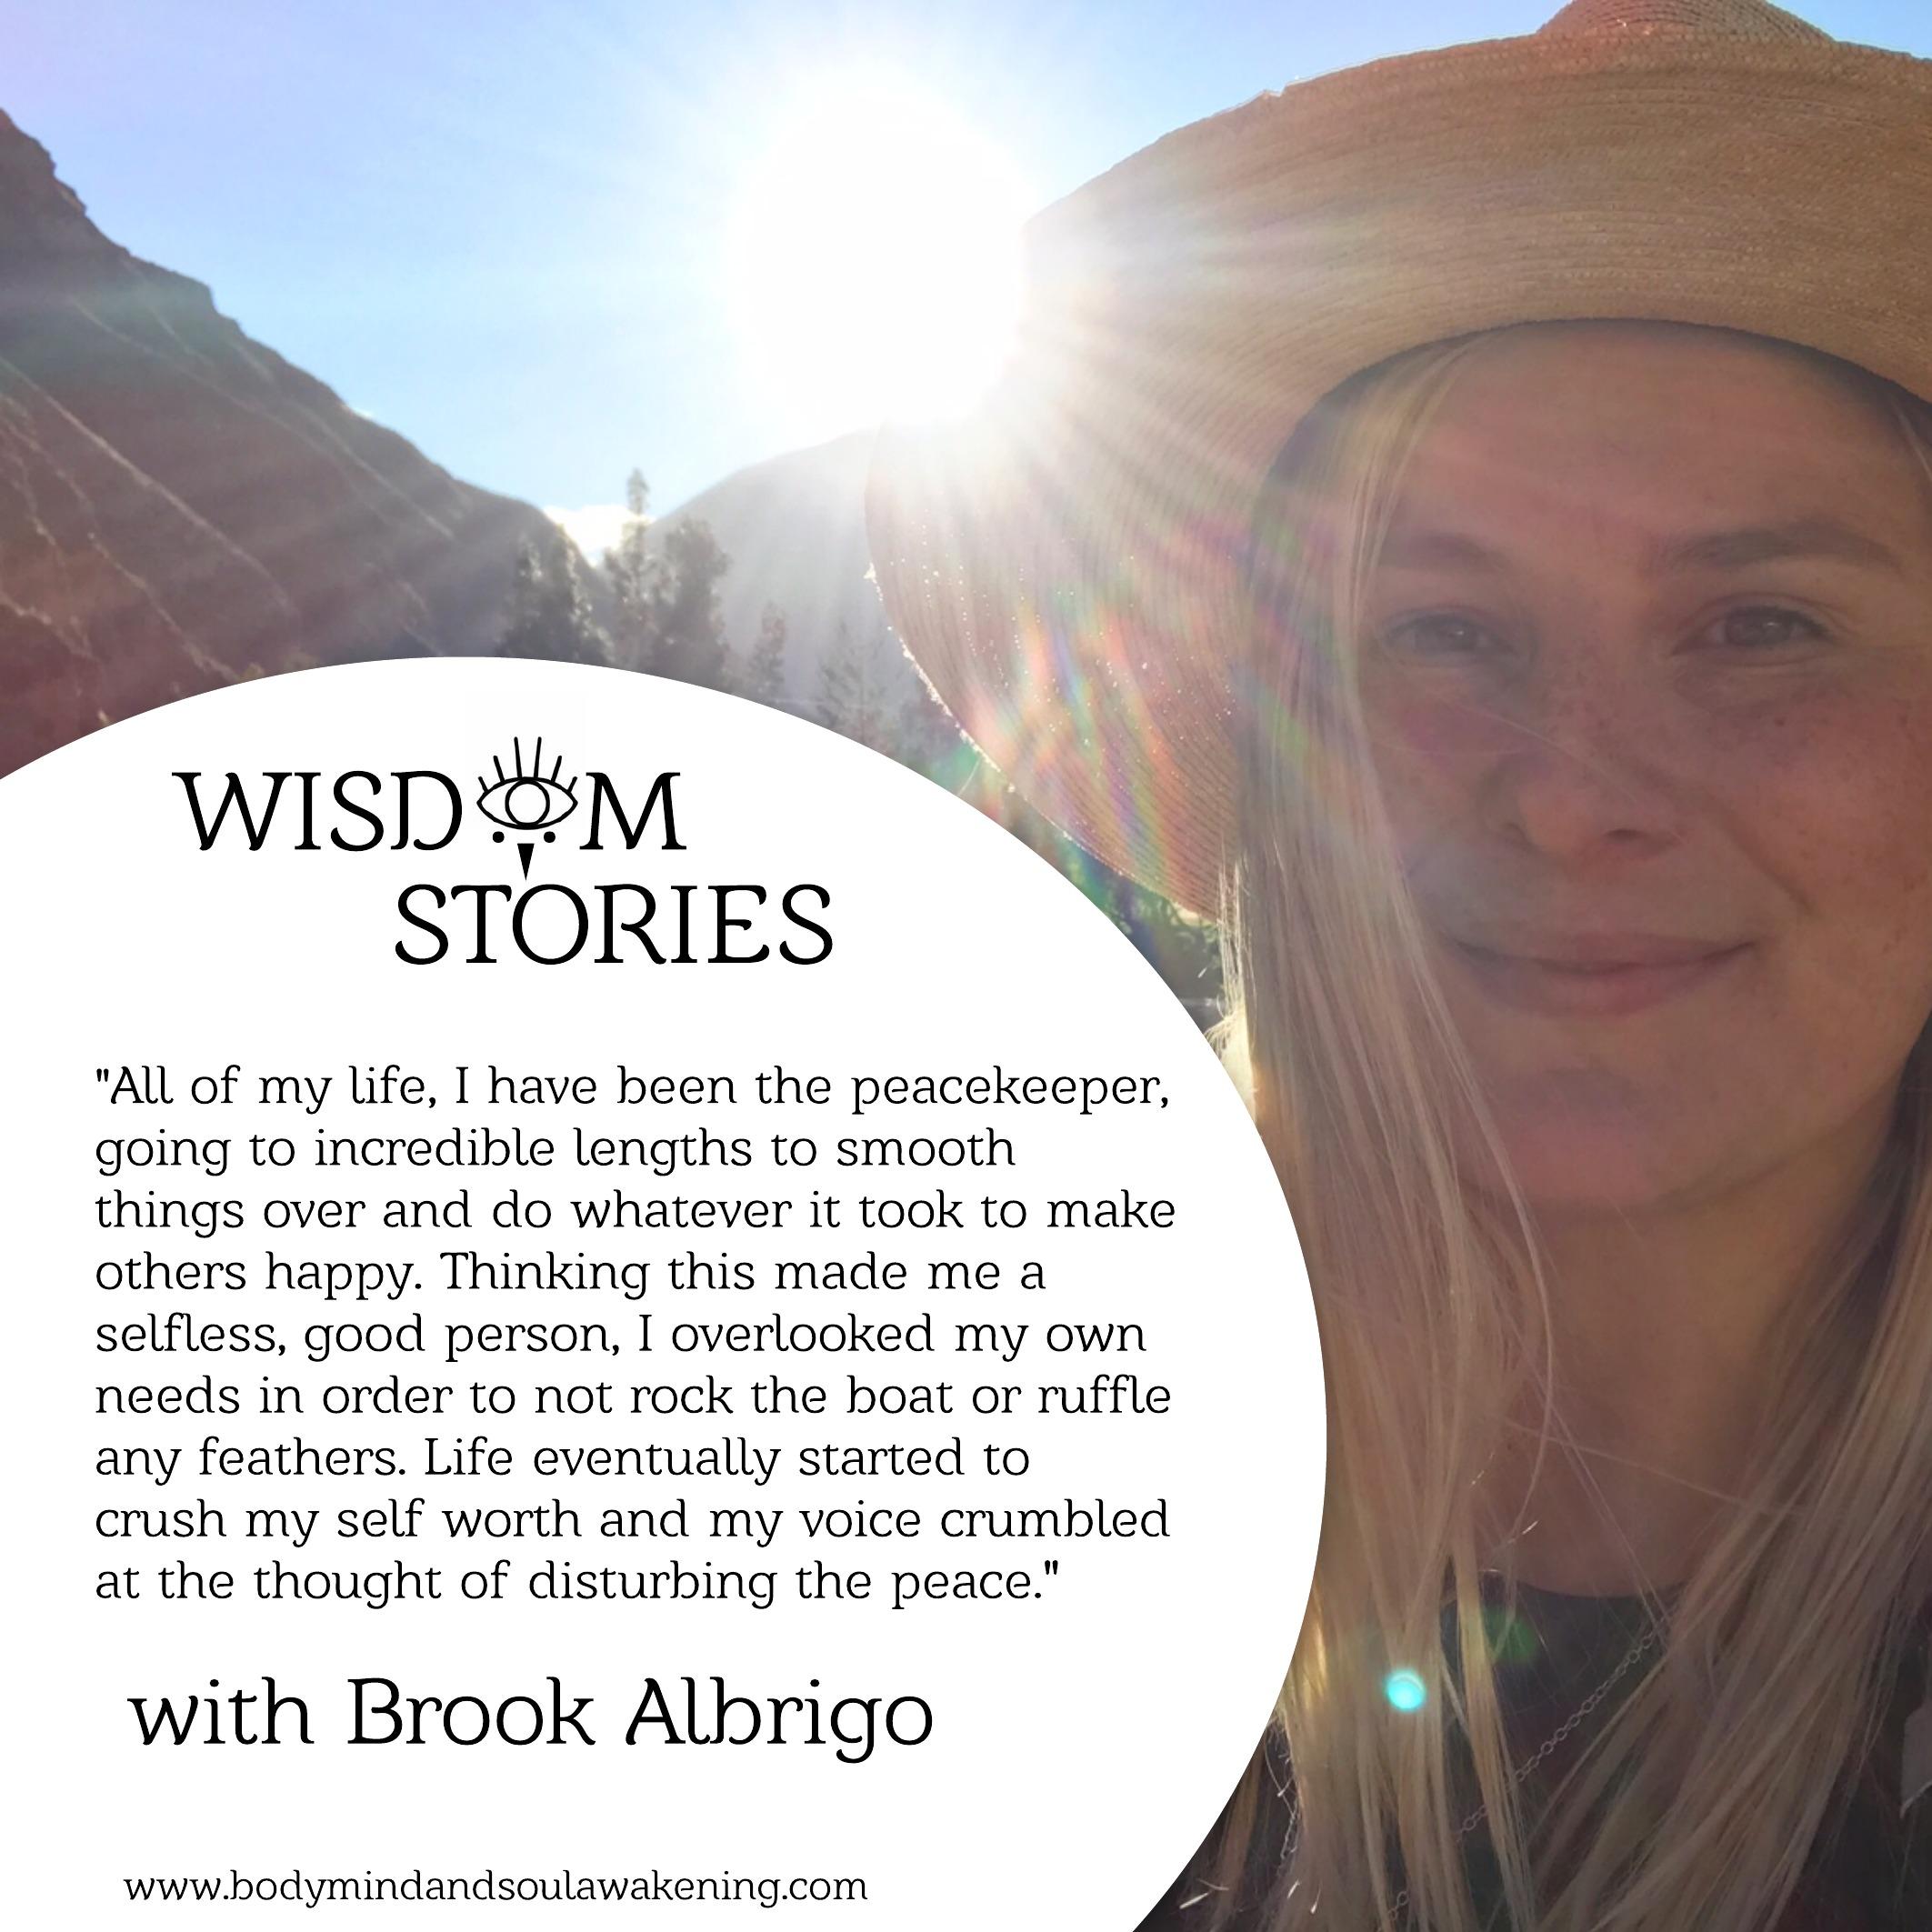 Brook wisdom stories.jpeg